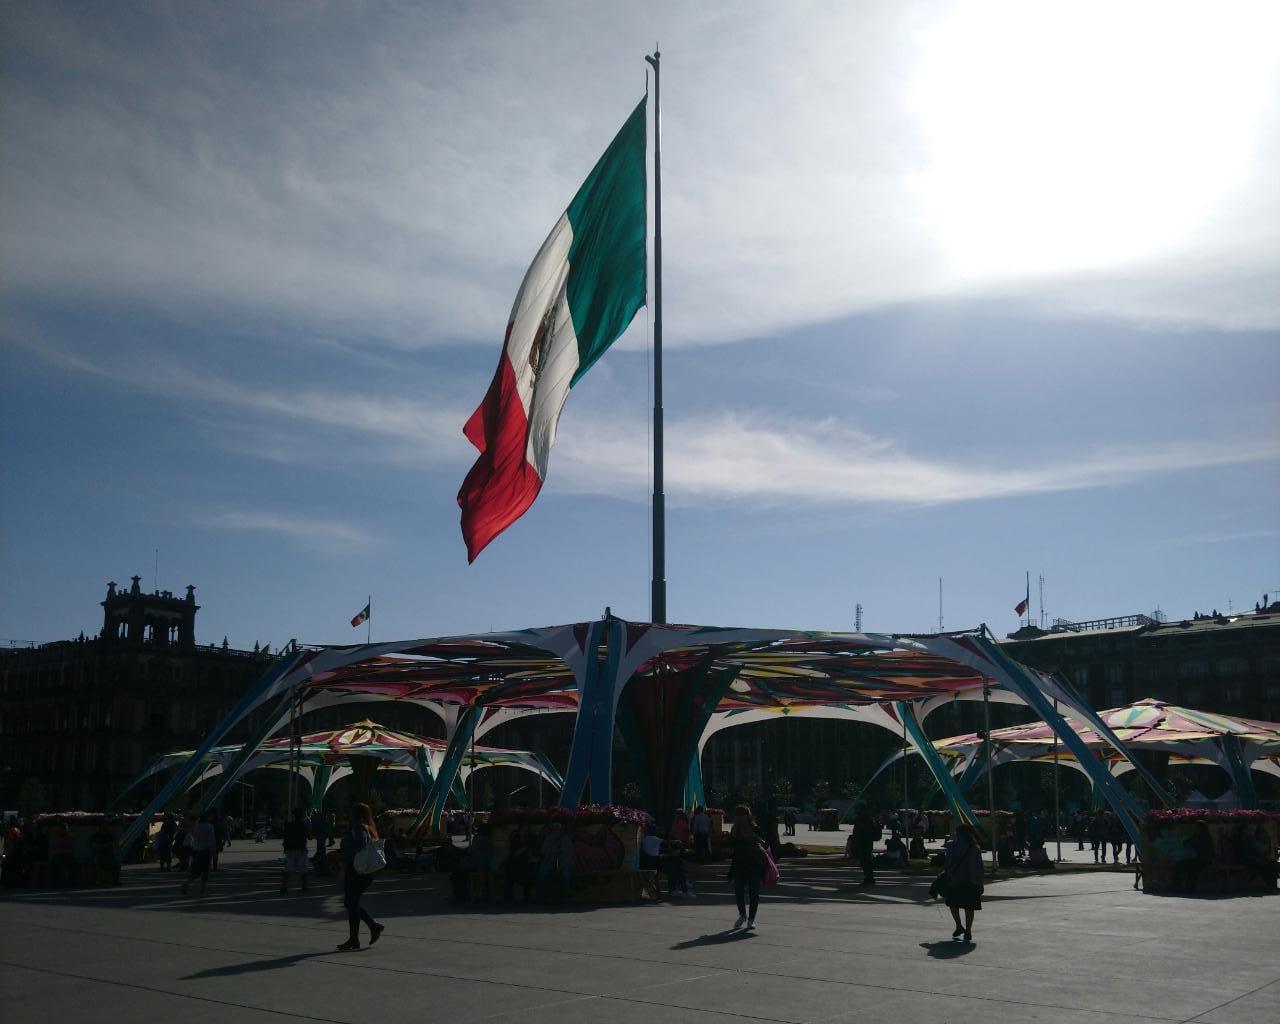 crecimiento, recesión, México, Pemex, inversión, inversionistas, Goldman Sachs, BofA, fortaleza financiera, crisis, calificación